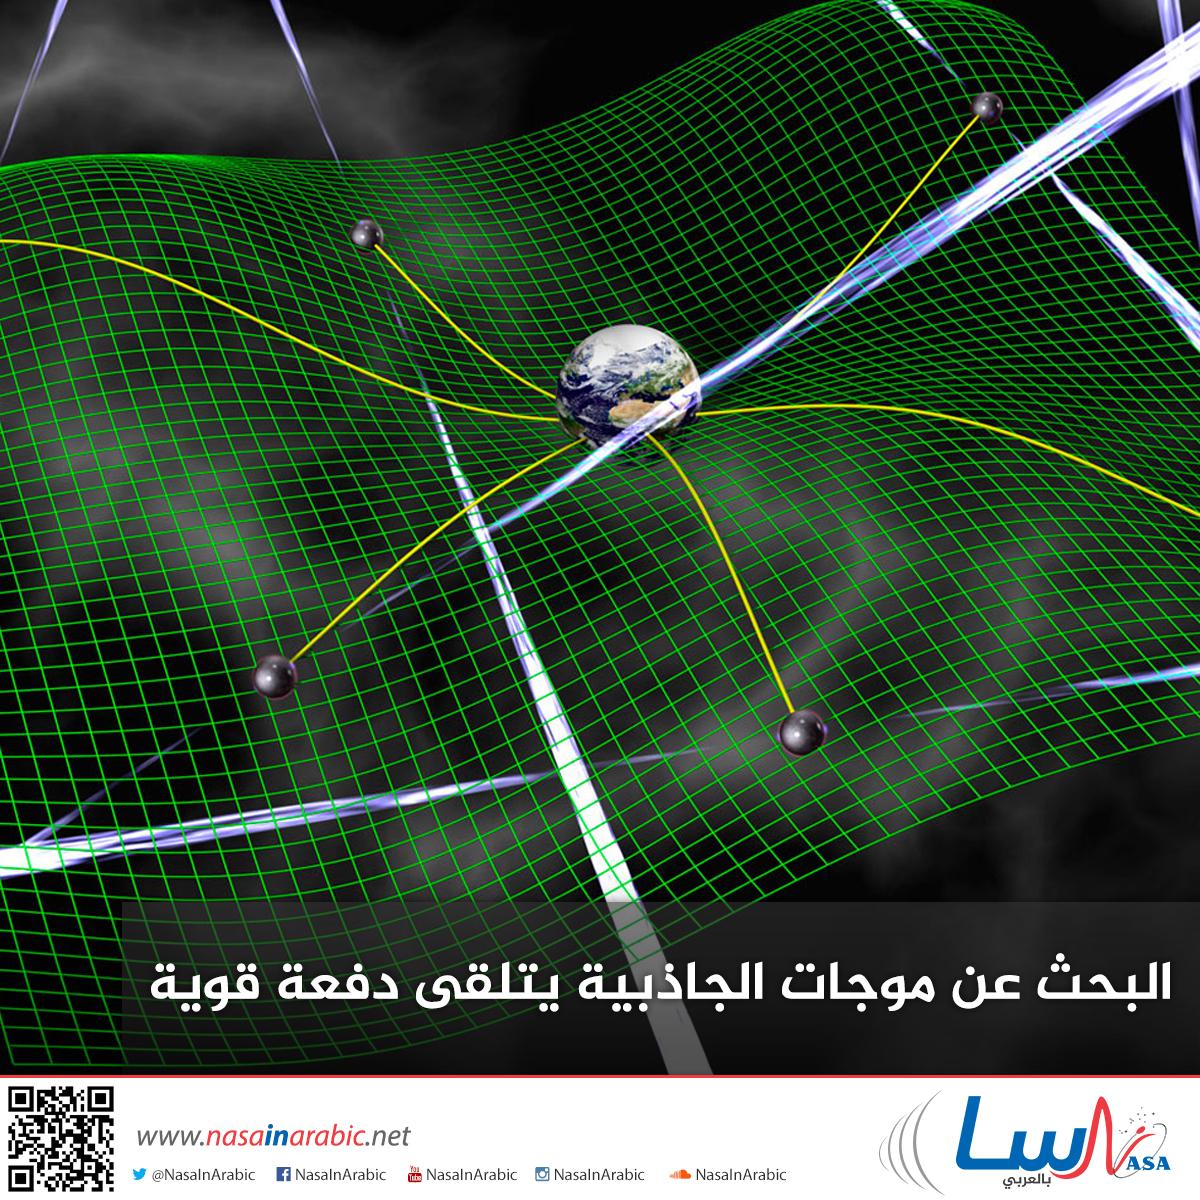 البحث عن موجات الجاذبية يتلقى دفعة قوية